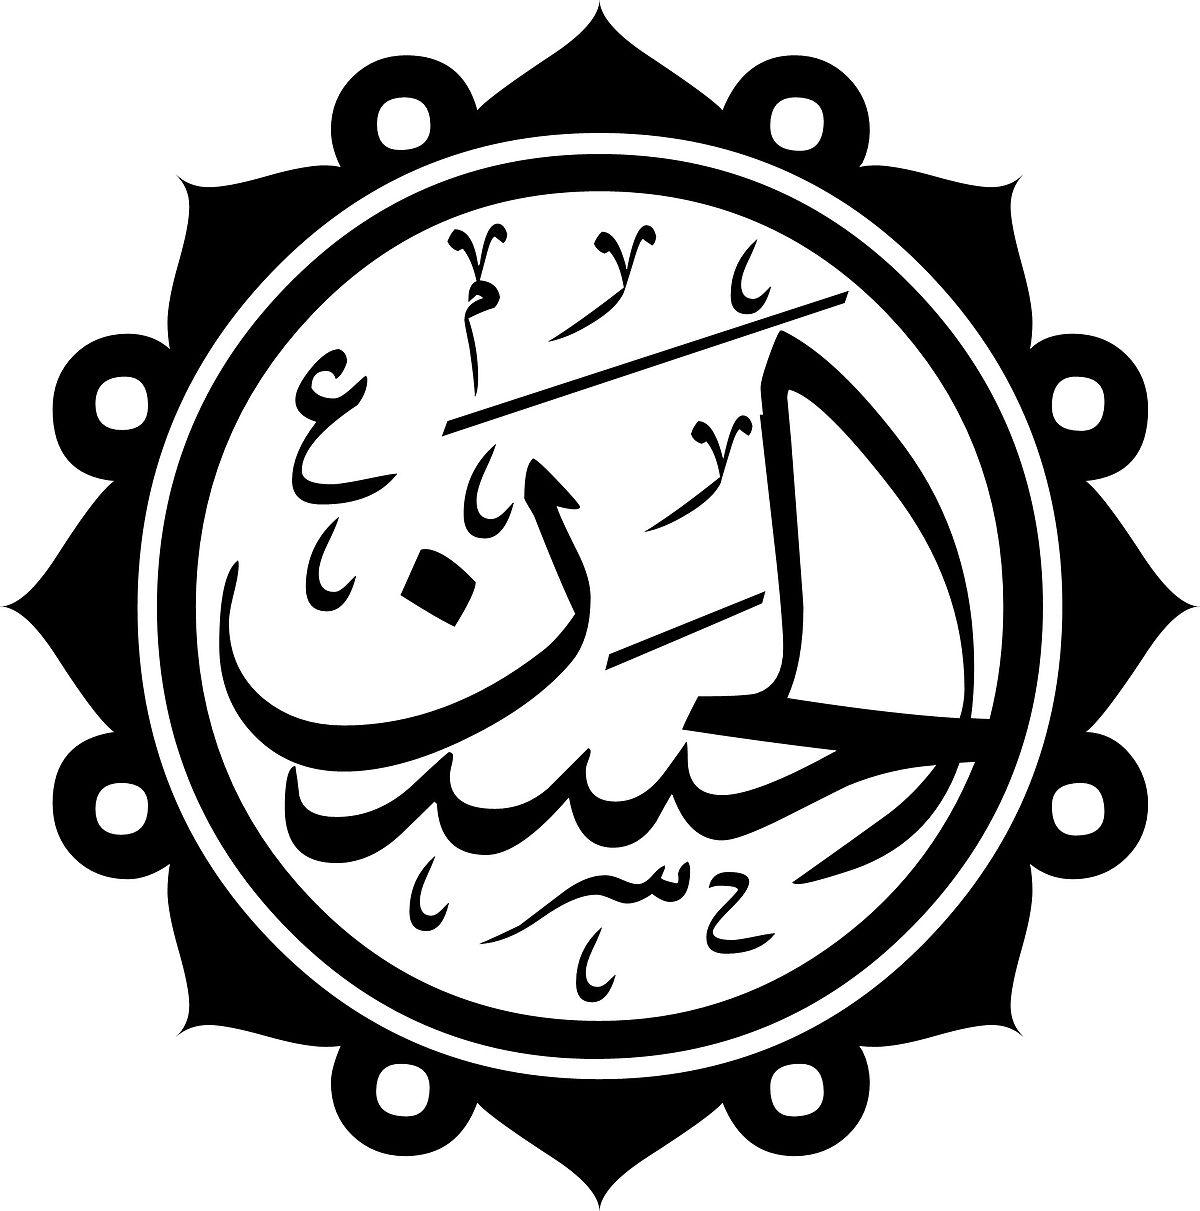 دیوان الإمام السجاد زين العابدين علي بن الحسين بن علي أبي طالب (ع) - تحقيق  ماجد أحمد العطية